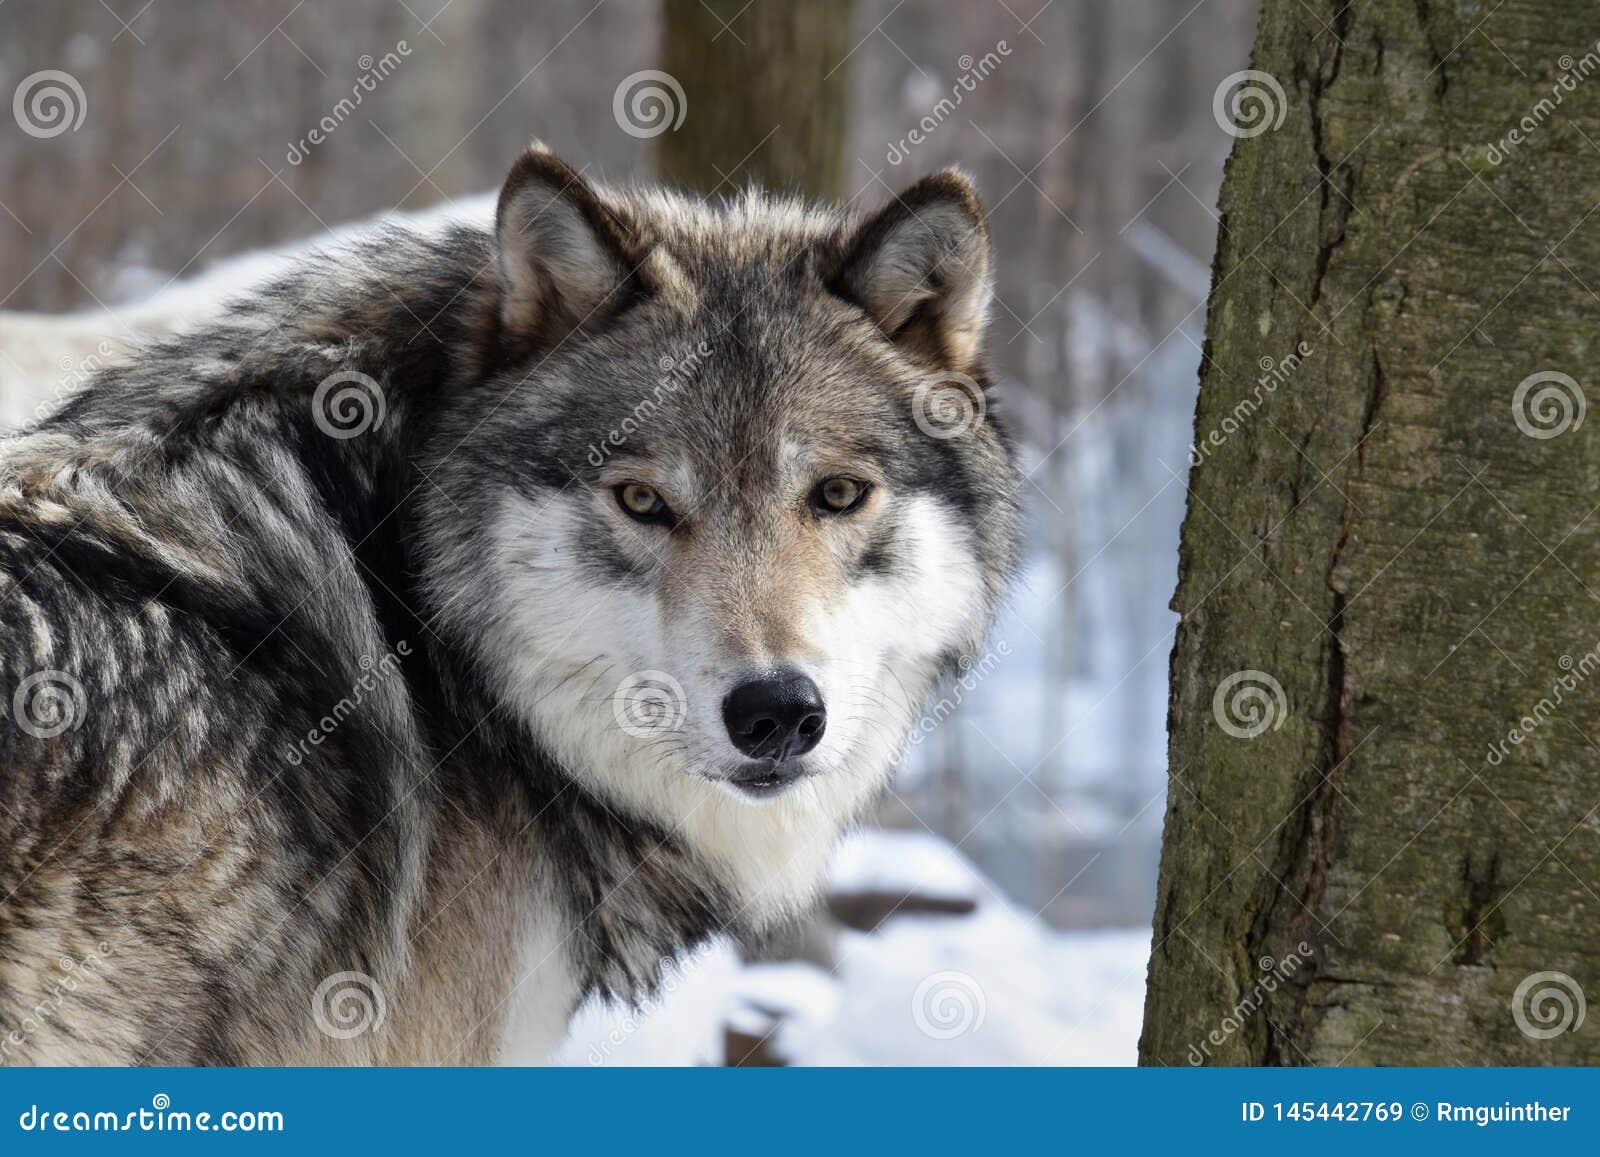 Het onderzoeken van de ogen van een Houtwolf